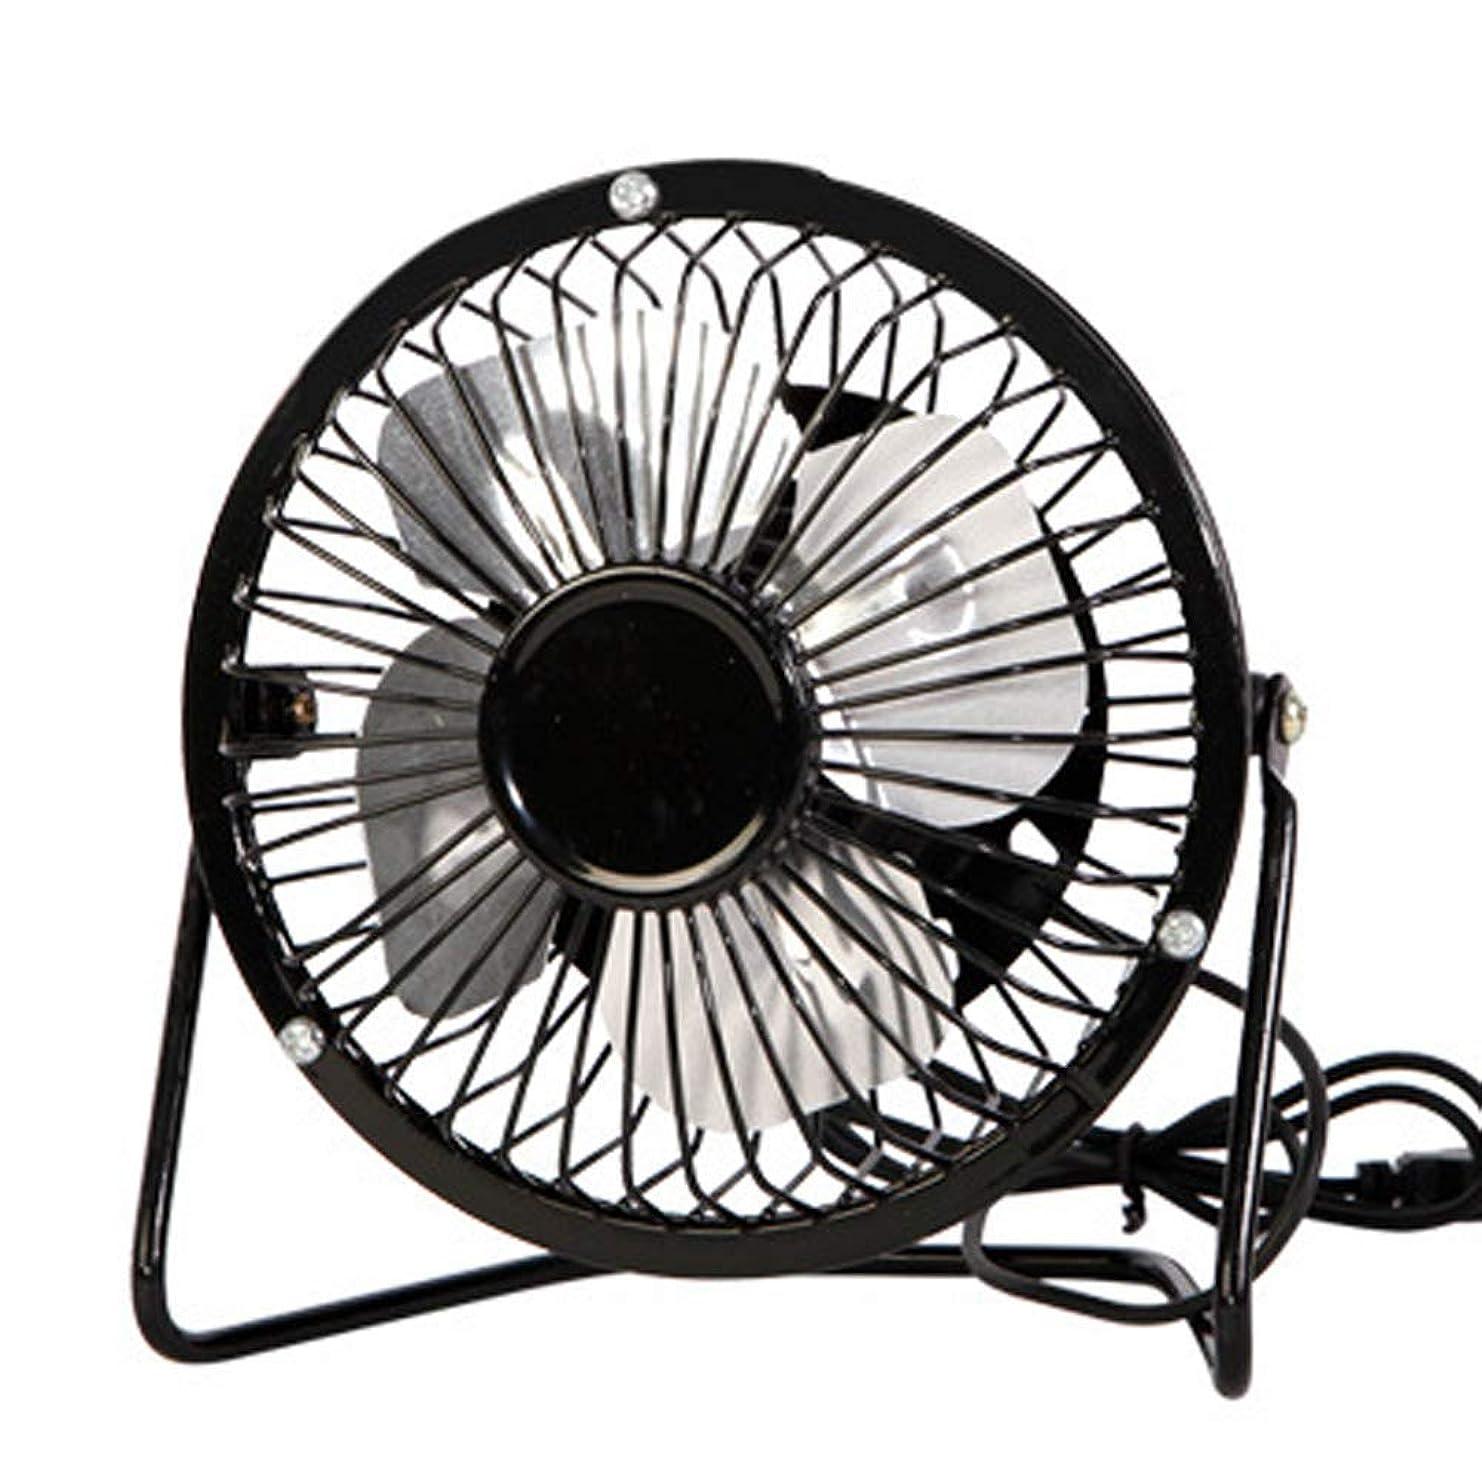 人種誰か安価な小型ファン、家庭用扇風機、デスクトップファン、充電トレジャースモールファン、ミニデスクトップファン、オフィスファン